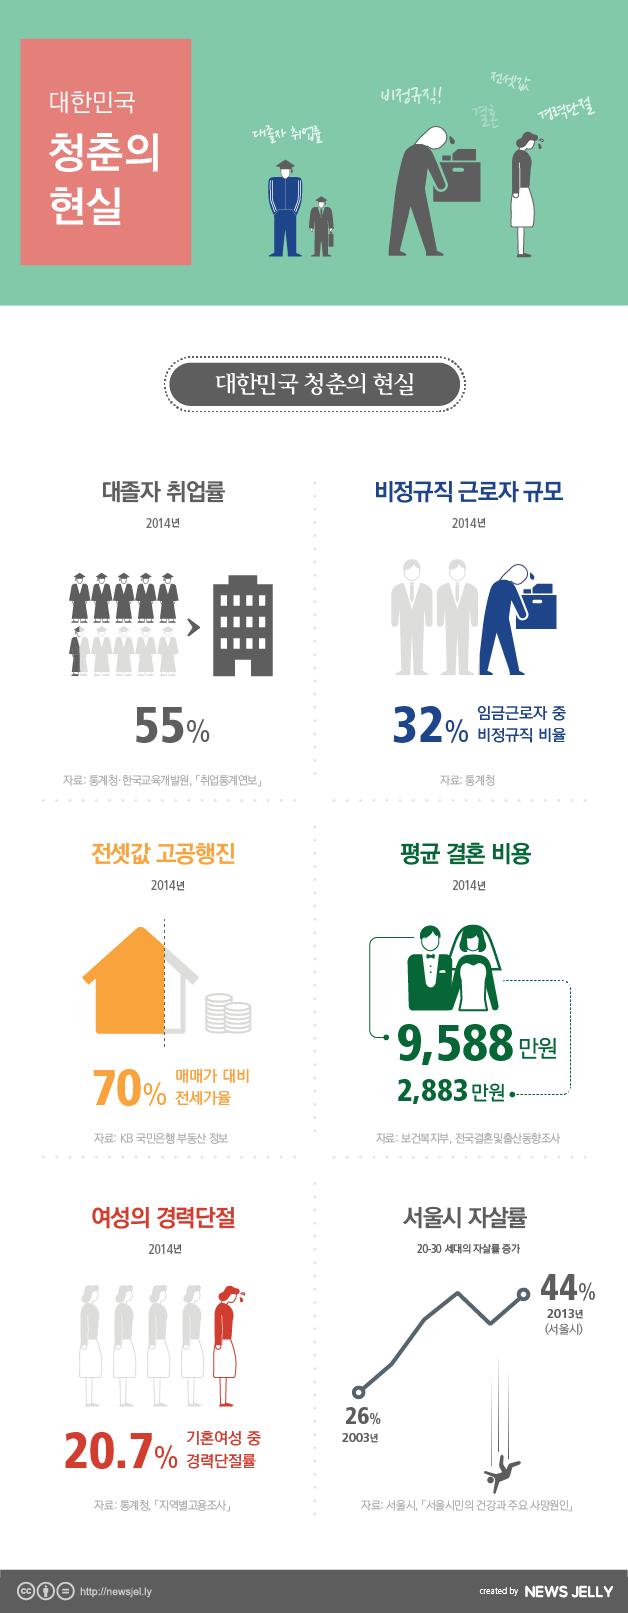 [한컷뉴스] 88만 원 세대부터 5포 세대까지 '대한민국 청춘의 현실'